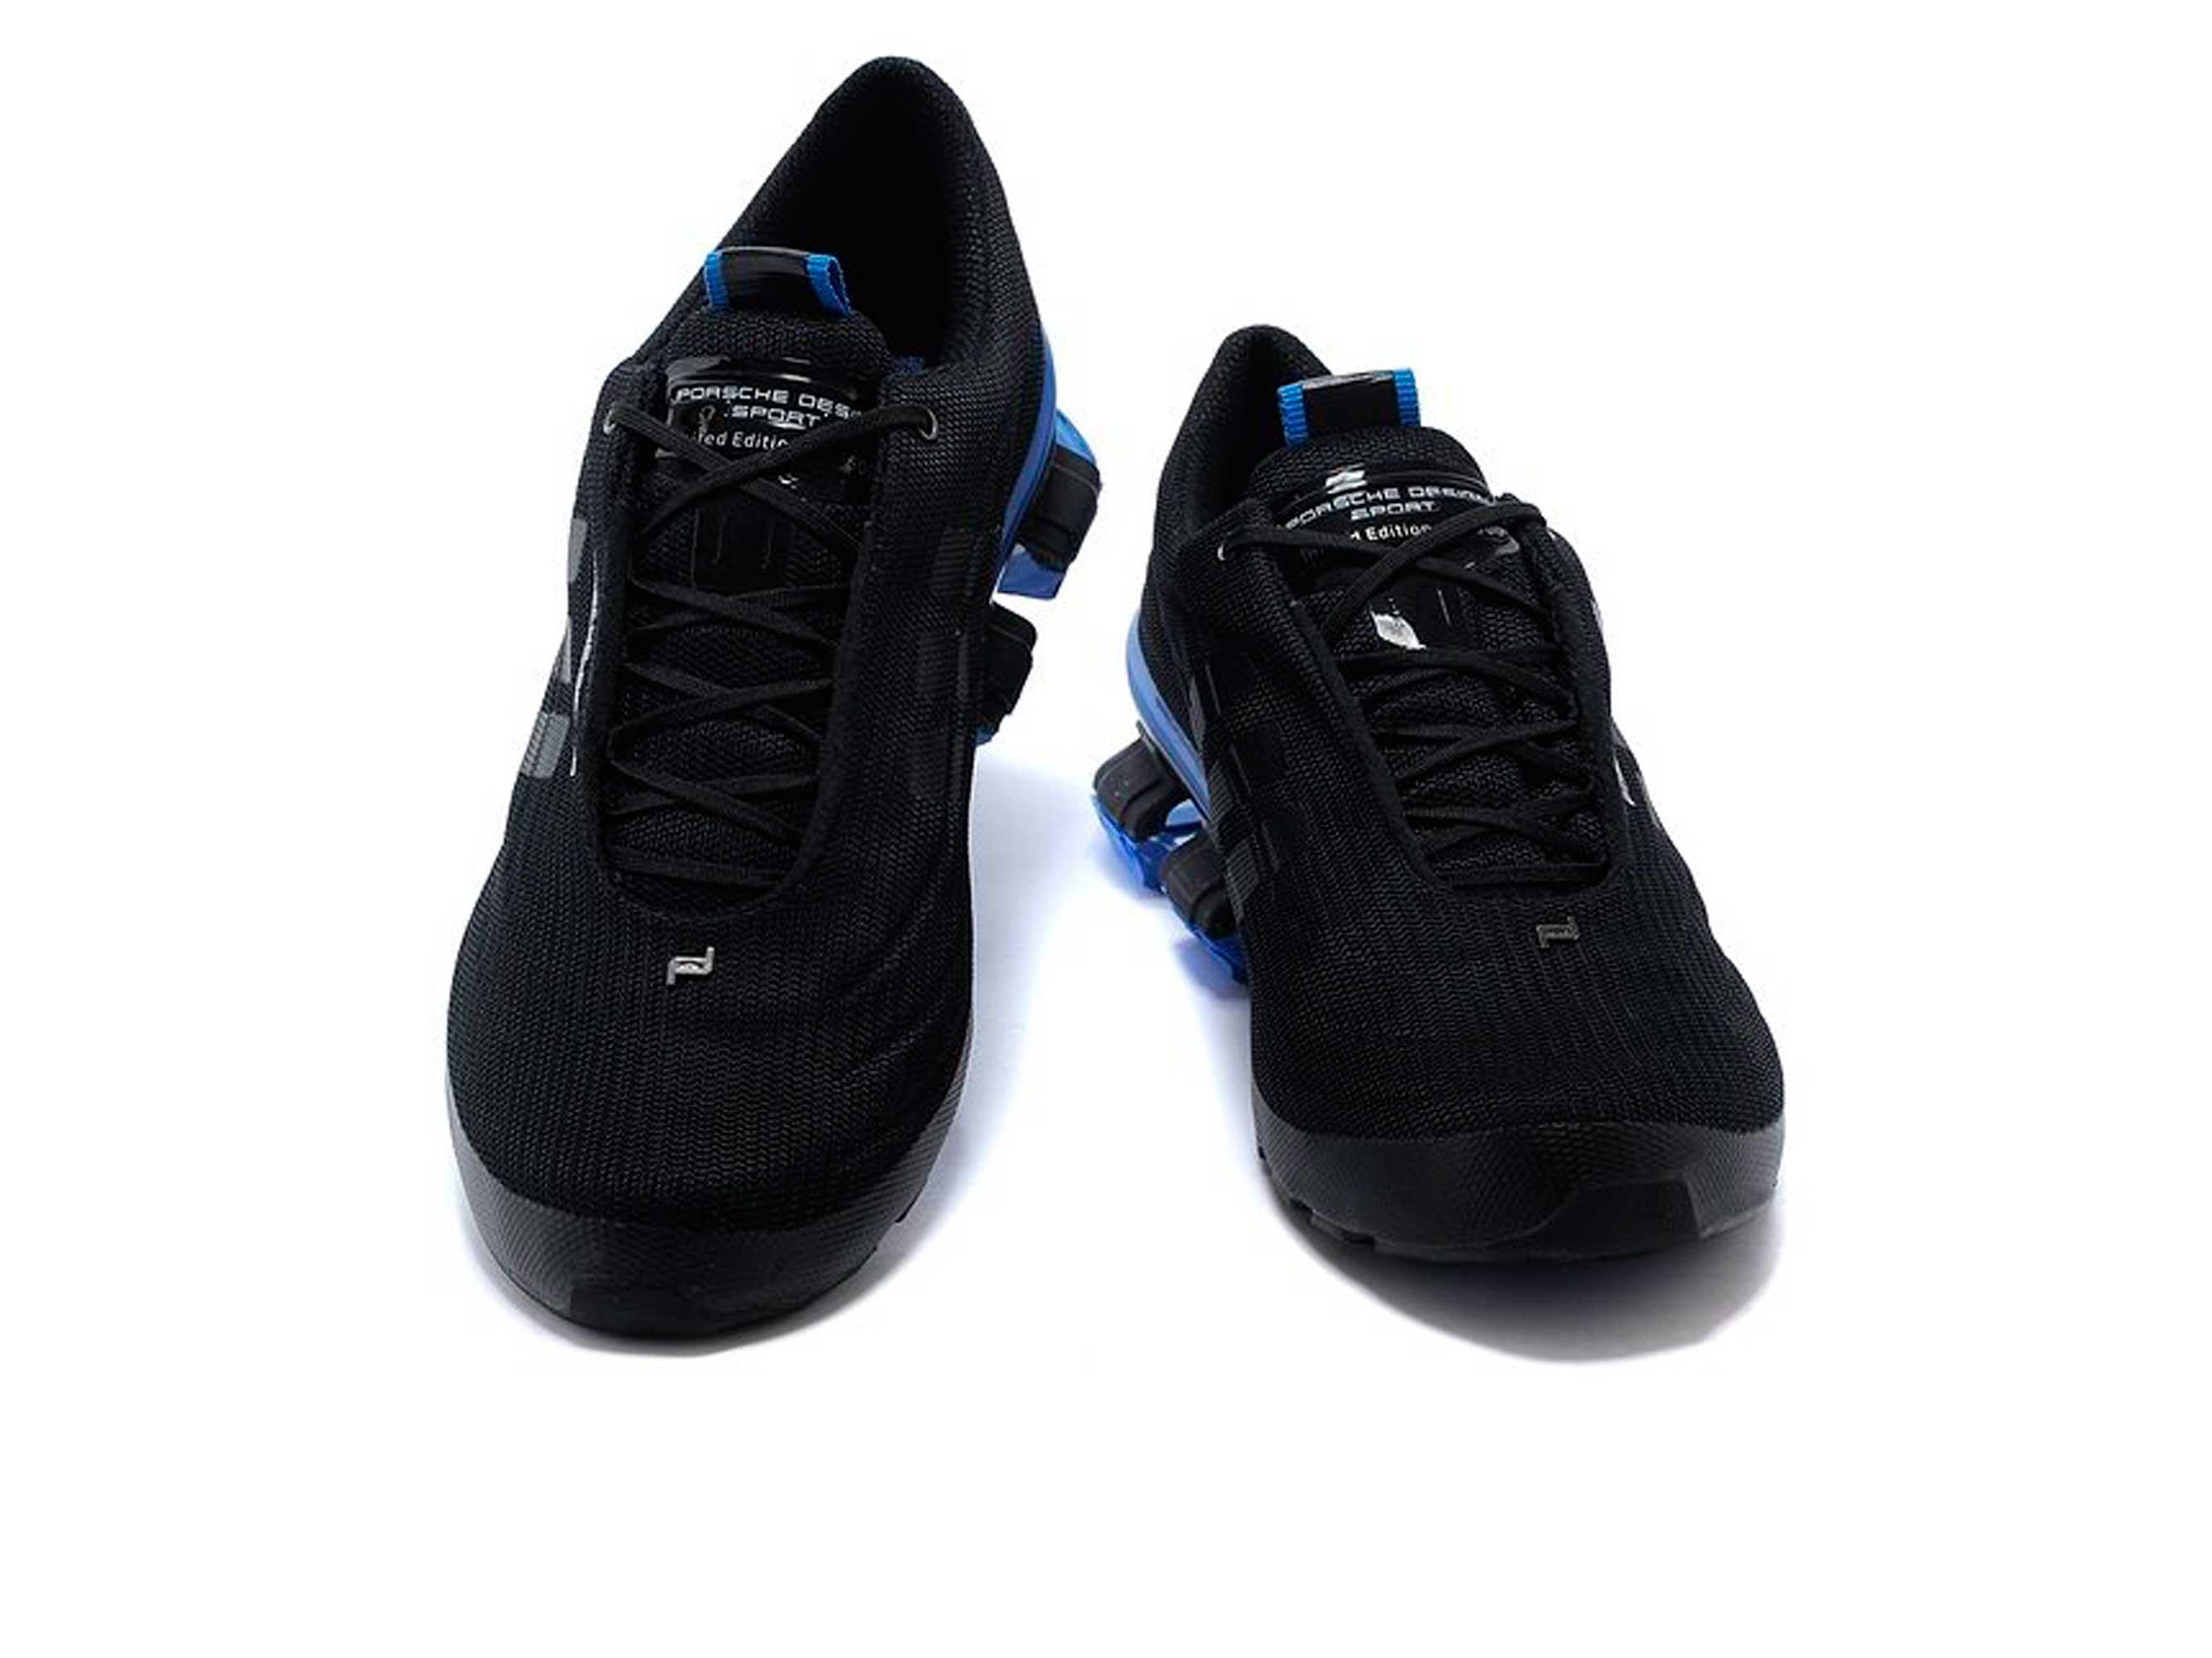 ae8c7918f649d ... czech adidas porsche design bounce s4 black blue 977b9 8e4b4